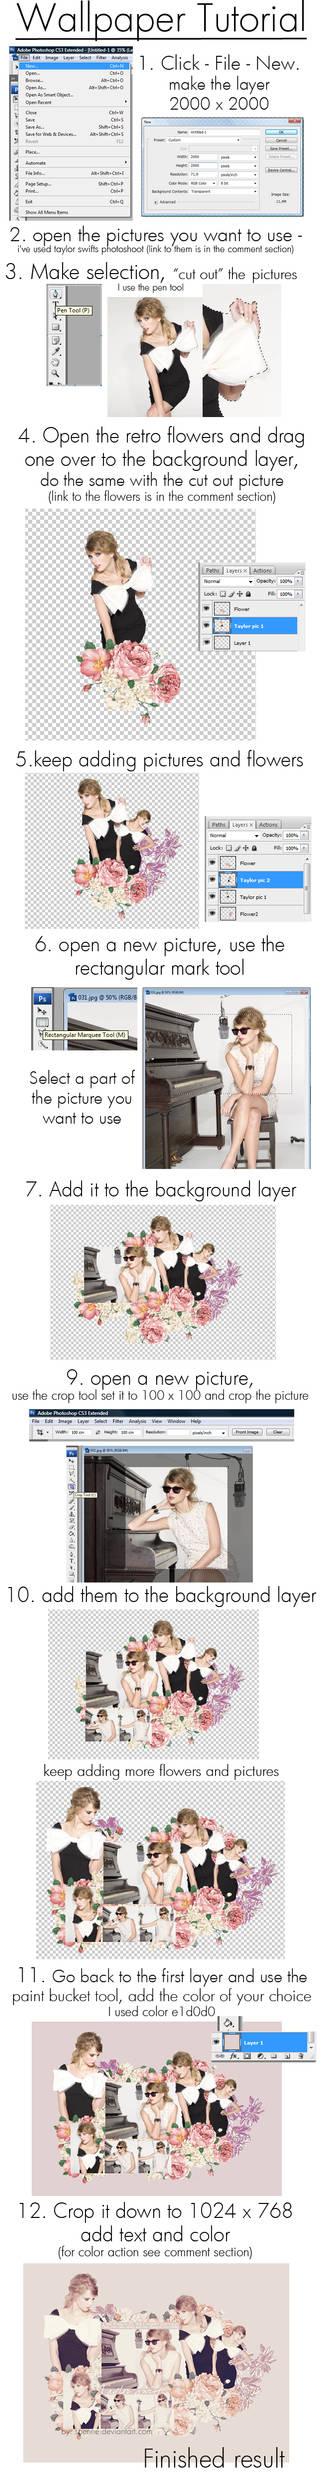 Wallpaper tutorial - Taylor S